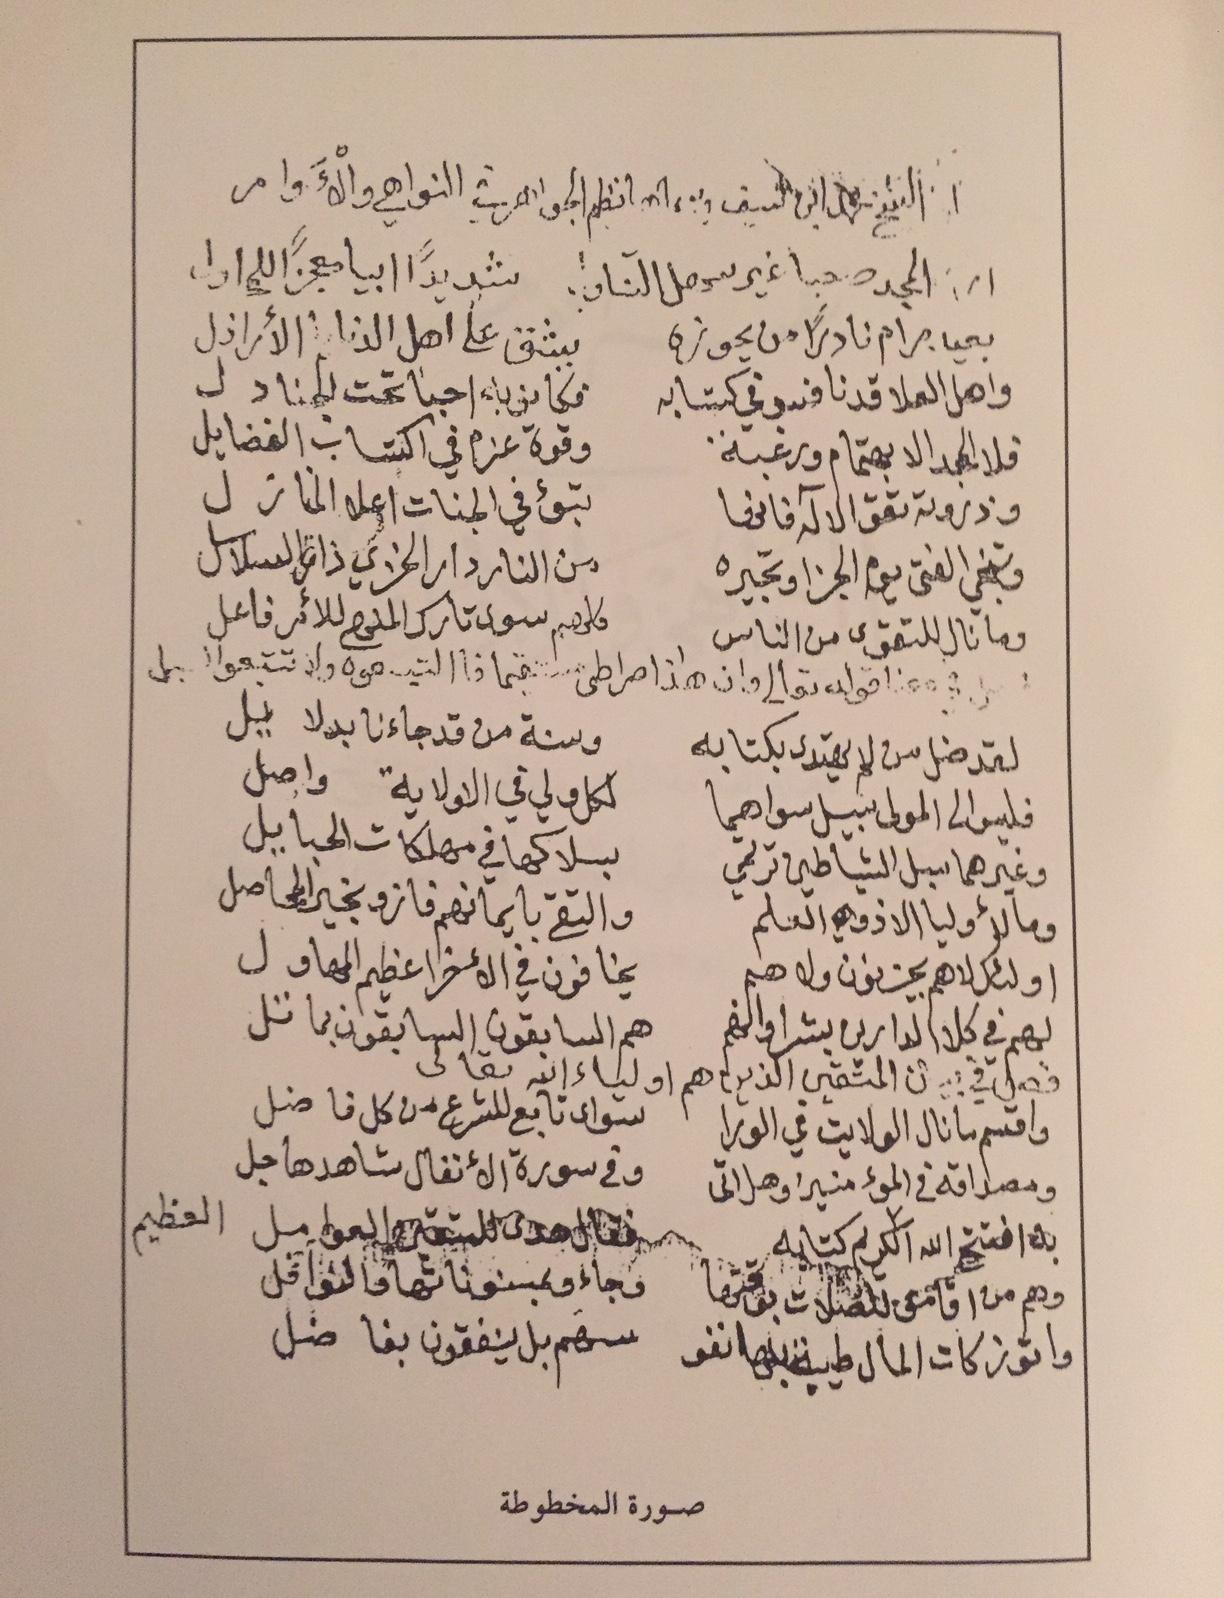 قصيدة نظم الجواهر في النواهي والأوامر للشيخ محمد بن سيف العتيقي